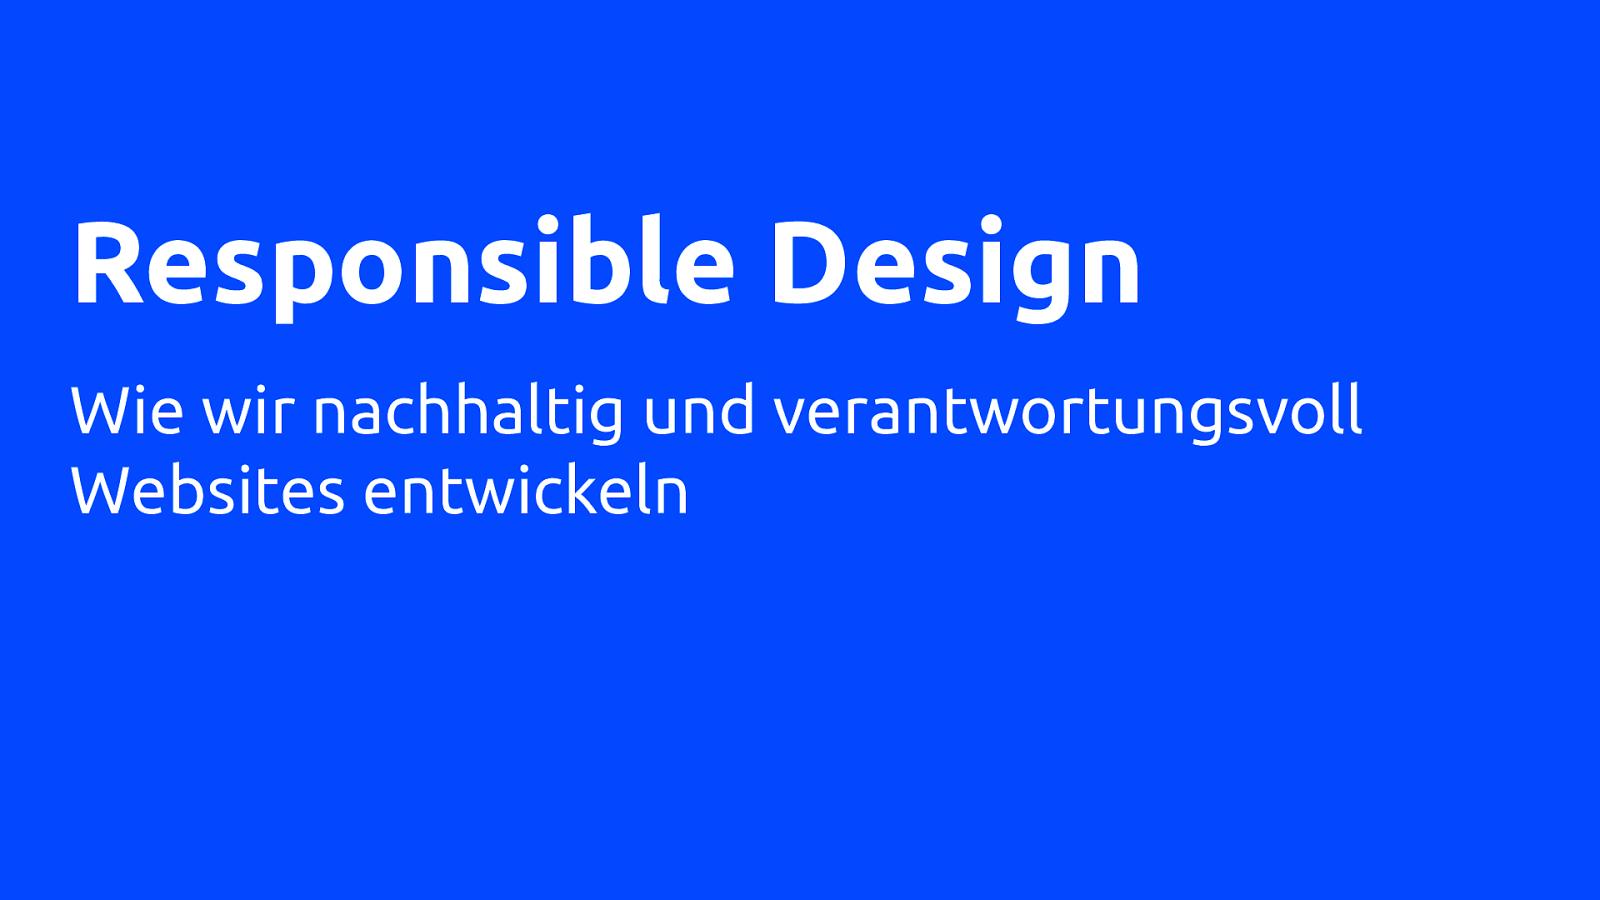 Responsible Design – Wie wir nachhaltig und verantwortungsvoll Websites entwickeln